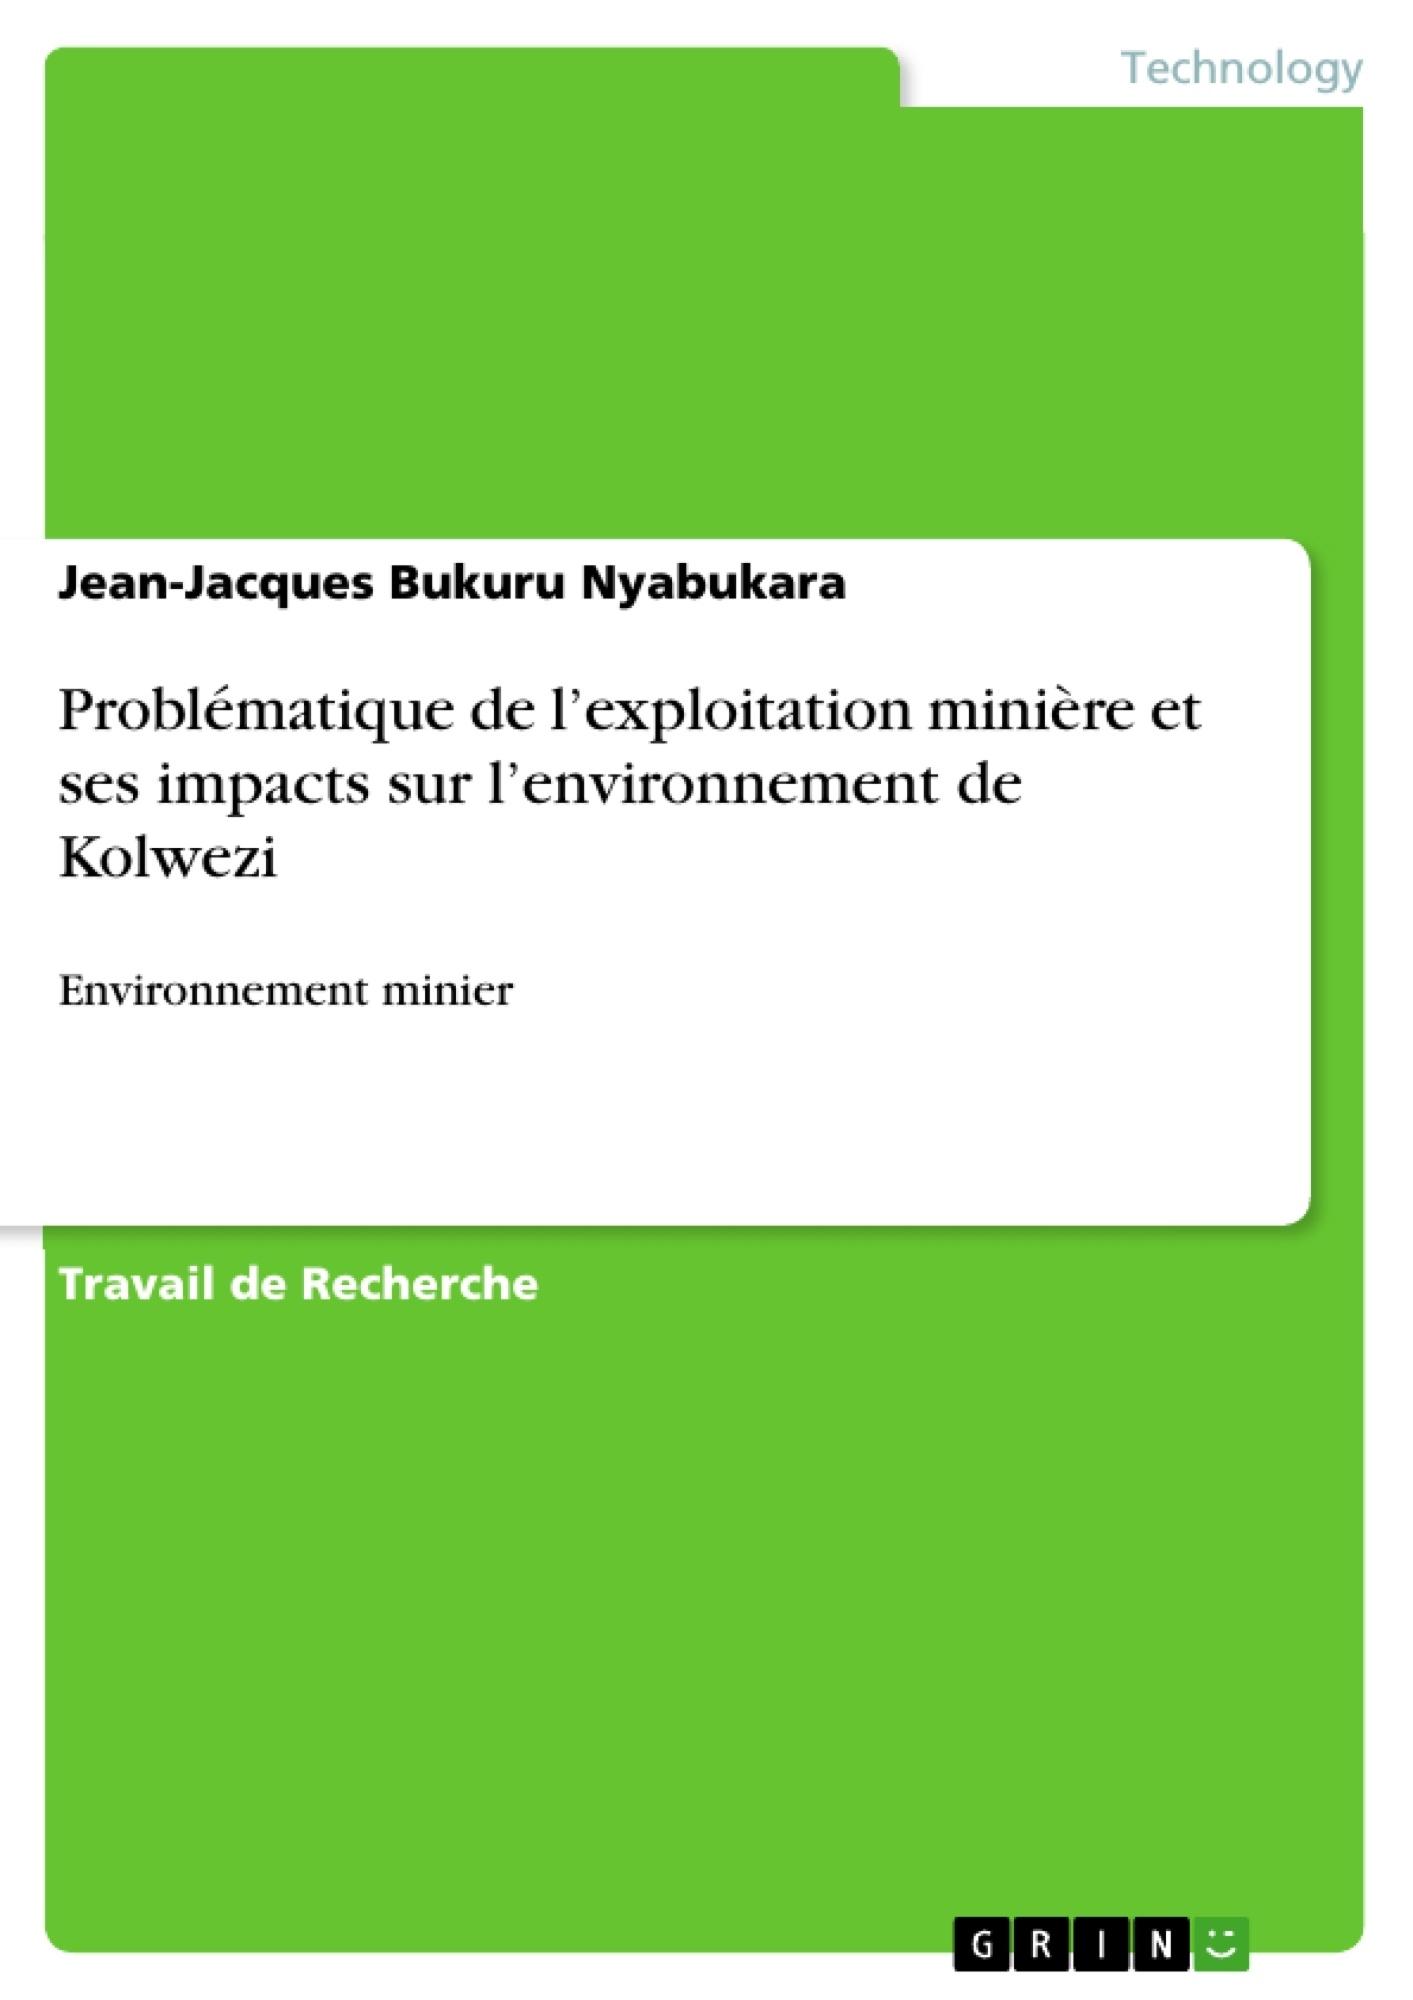 Titre: Problématique de l'exploitation minière et ses impacts sur l'environnement de Kolwezi